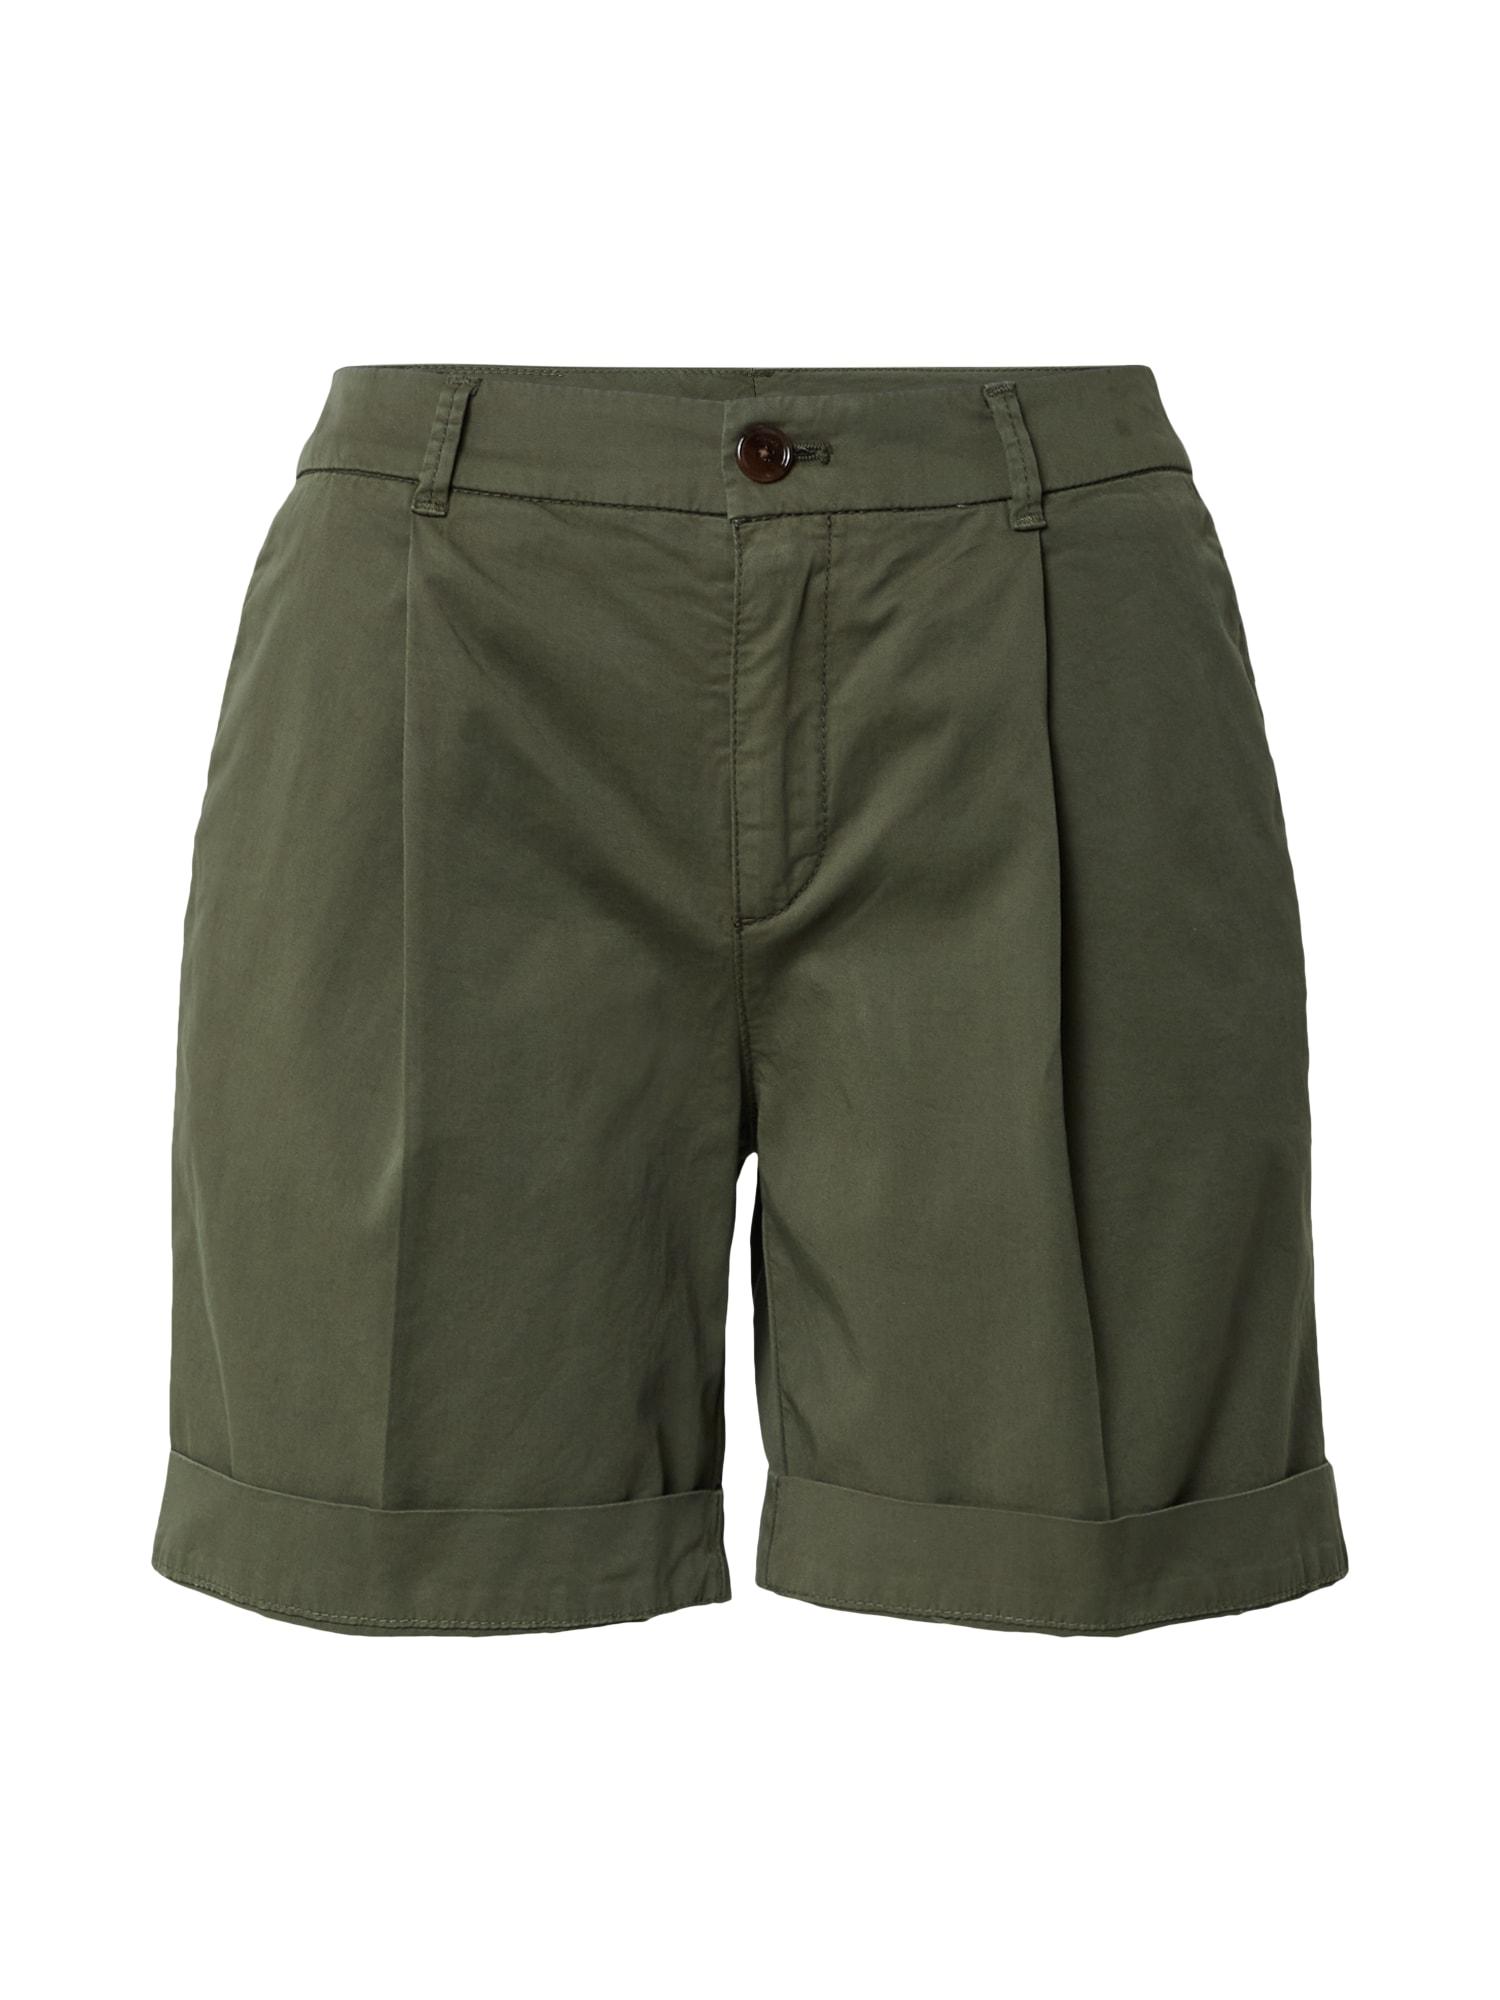 BOSS Klostuotos kelnės 'Taggie' rusvai žalia